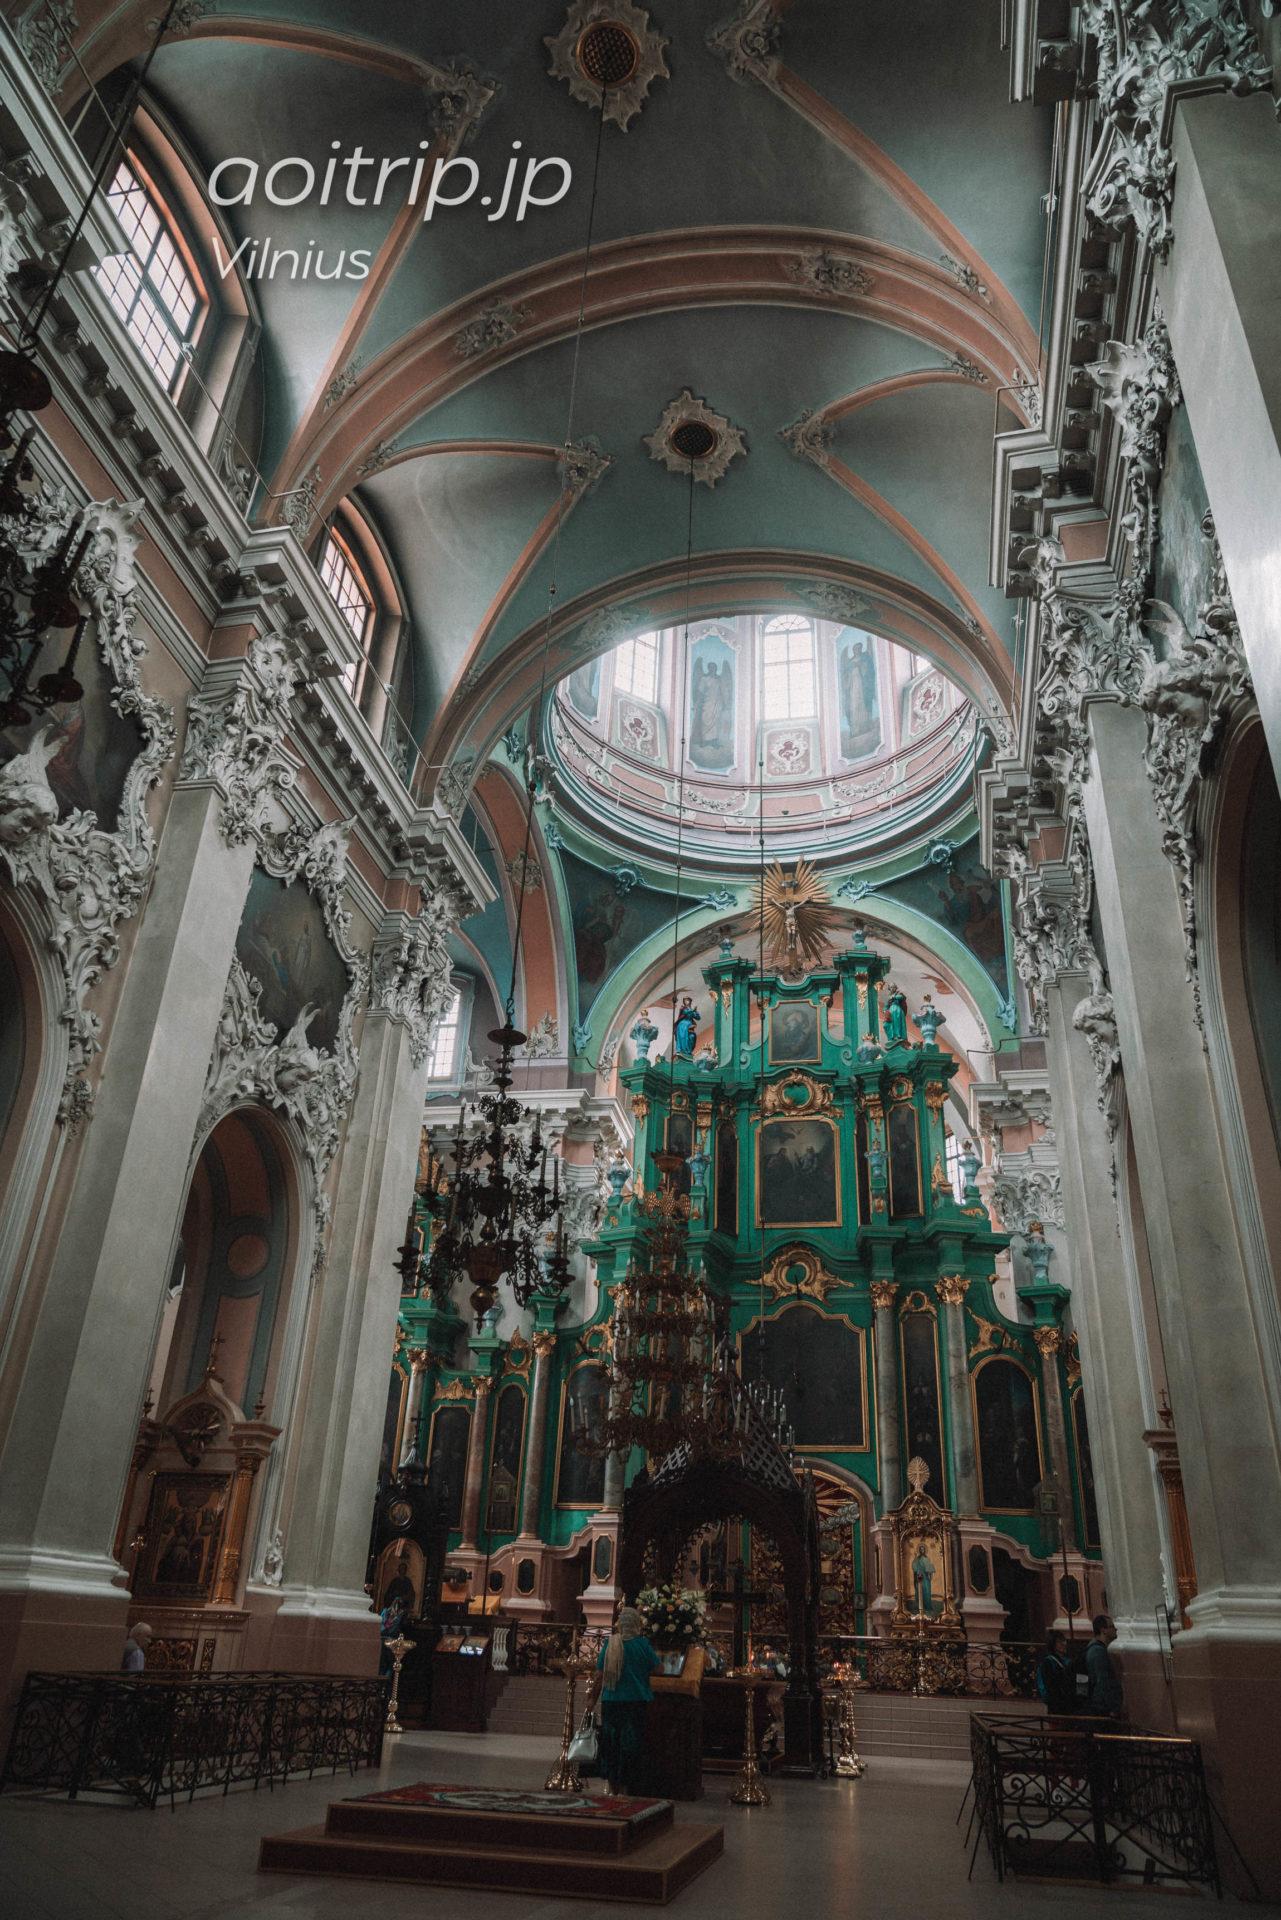 リトアニア ヴィリニュスの聖霊教会